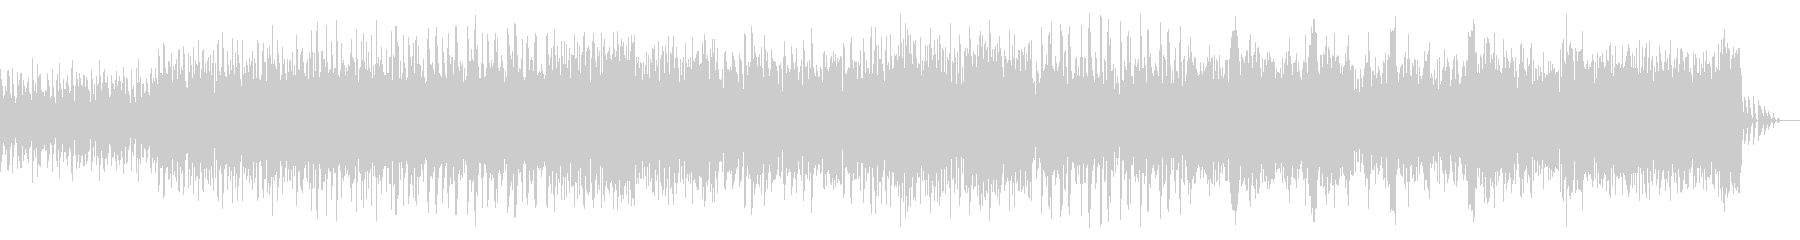 ダンス風ビートのシネマティックBGMの未再生の波形